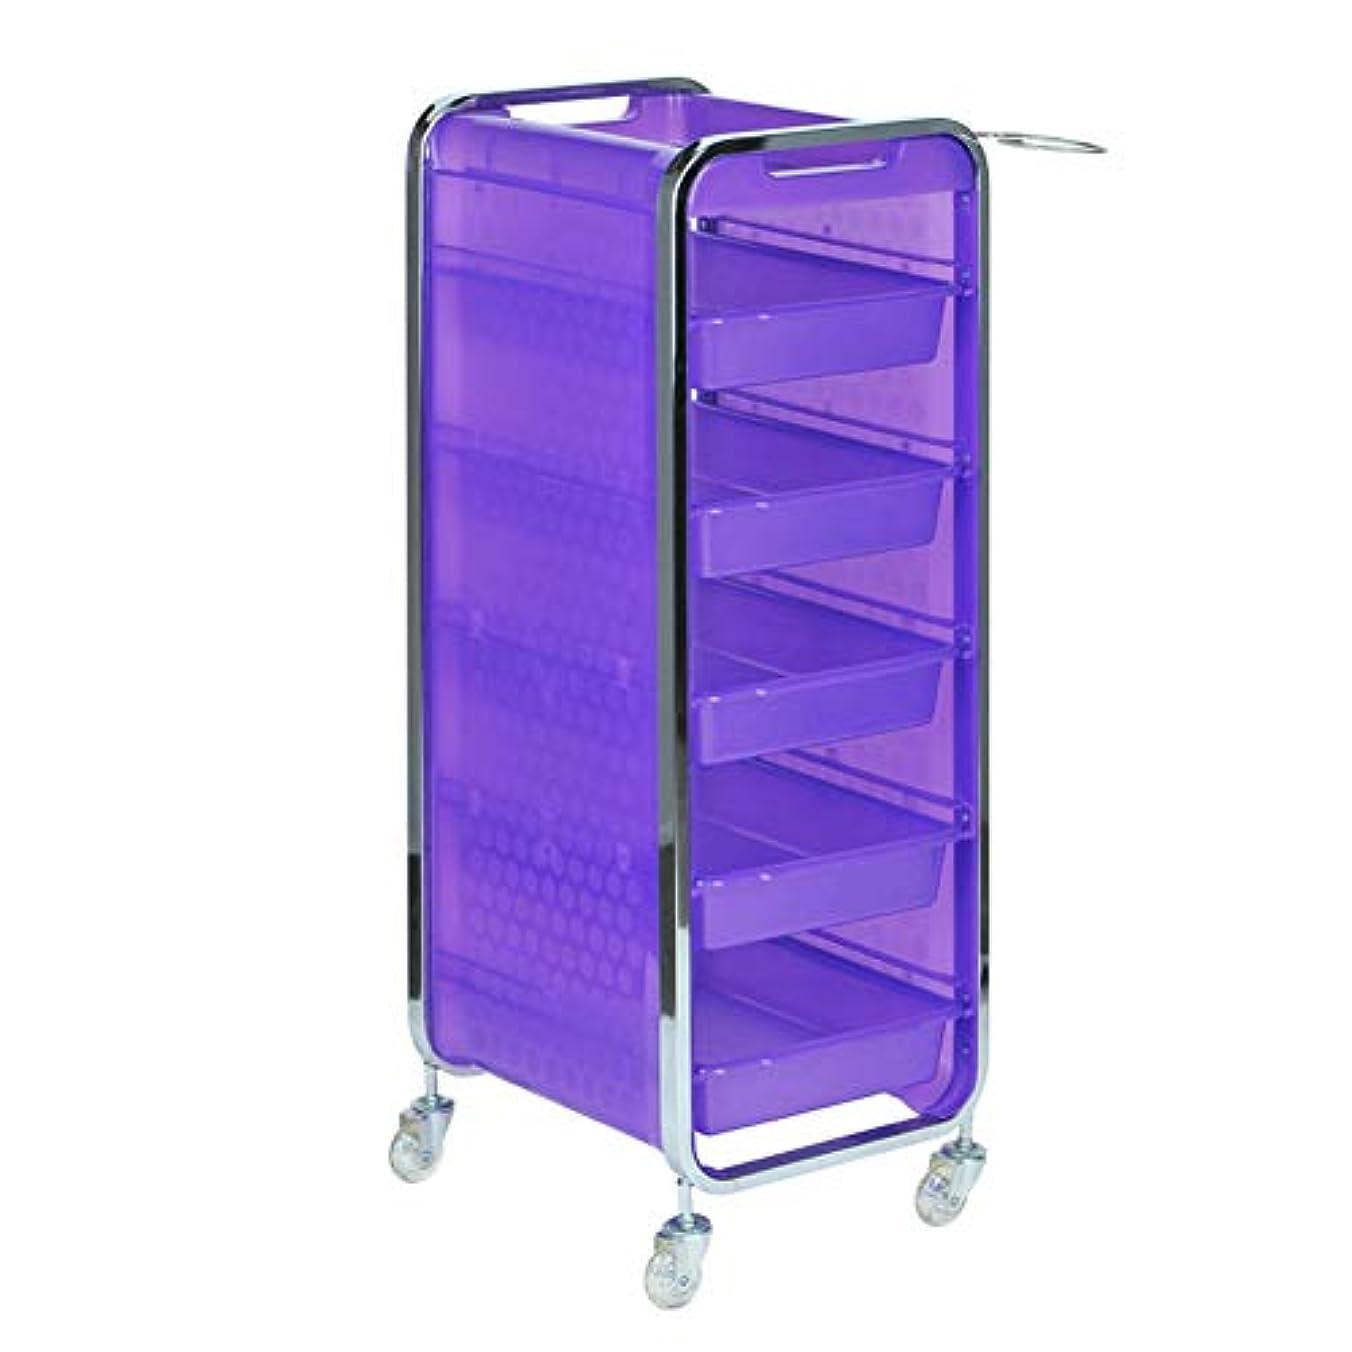 迫害するセグメント推論サロン美容院トロリー美容美容収納カート6層トレイ多機能引き出し虹色,Purple,A